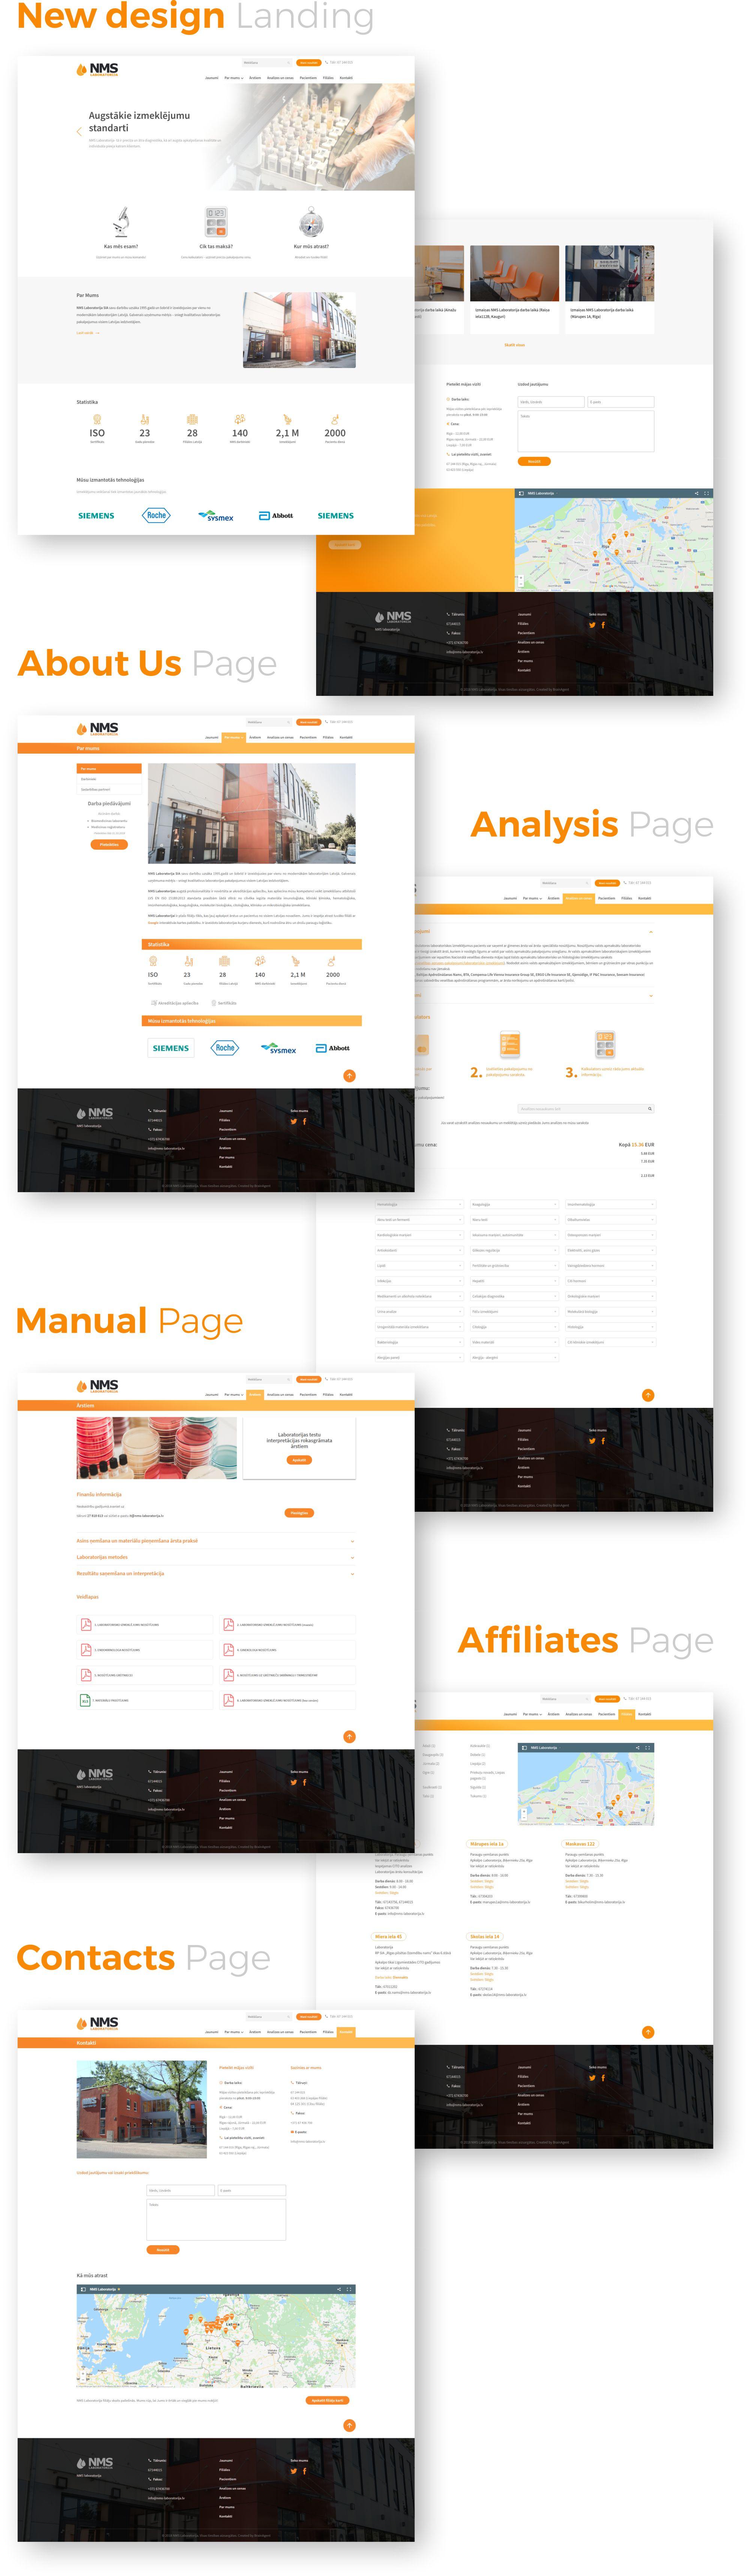 NMS Laboratorija mājas lapas iepriekšējais dizains un jaunais